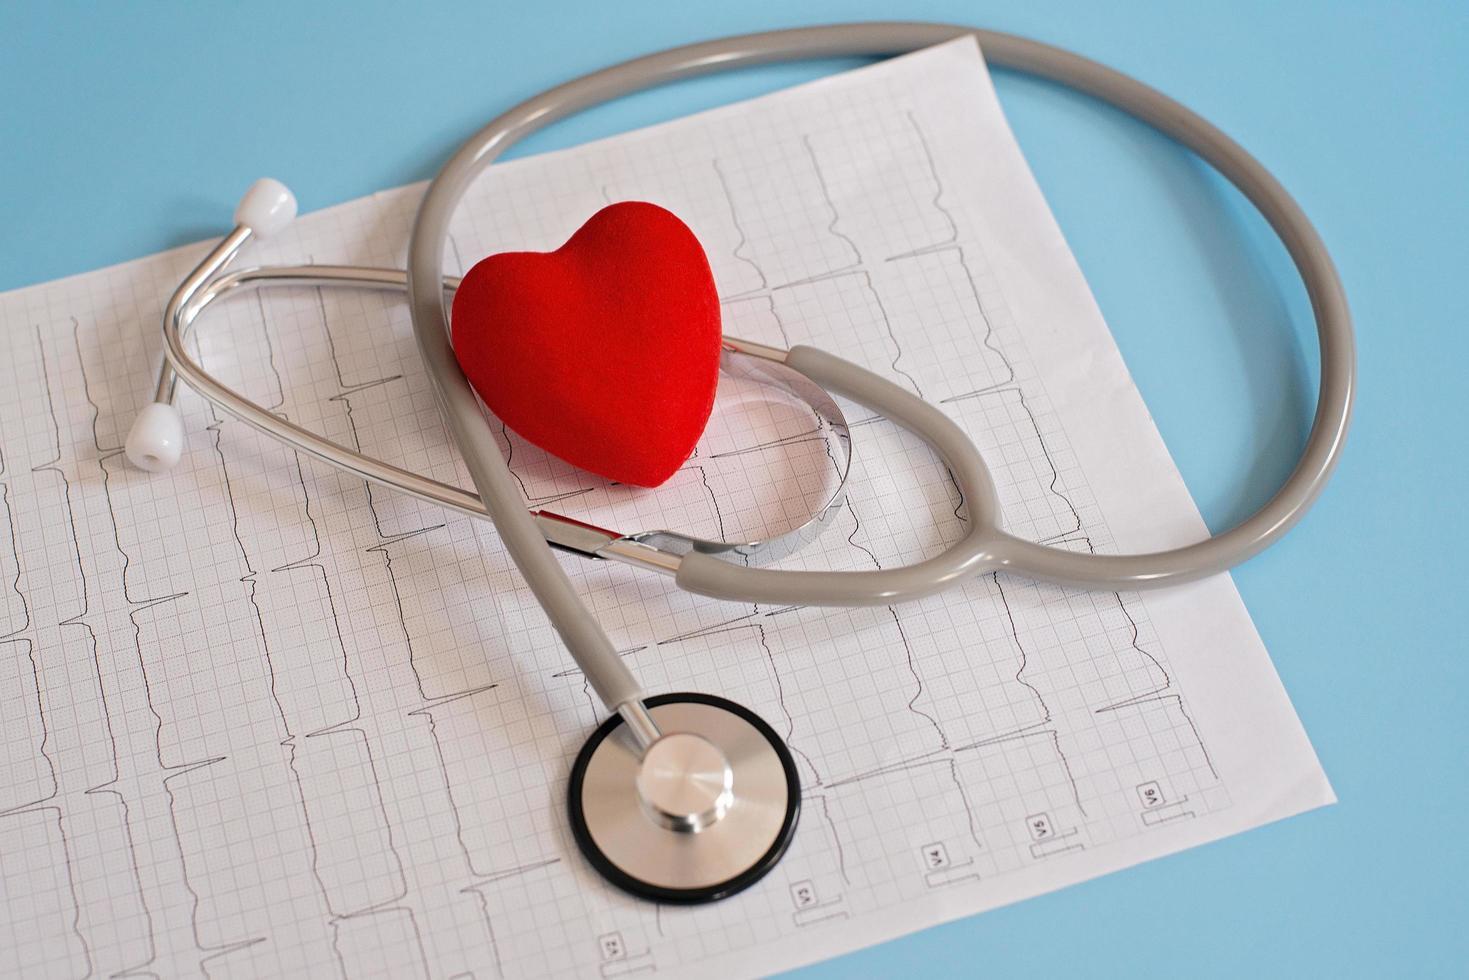 stetoscopio medico e cuore rosso sdraiato su un cardiogramma. cardioterapeuta, cardiofrequenzimetro, fisica cardiaca, foto